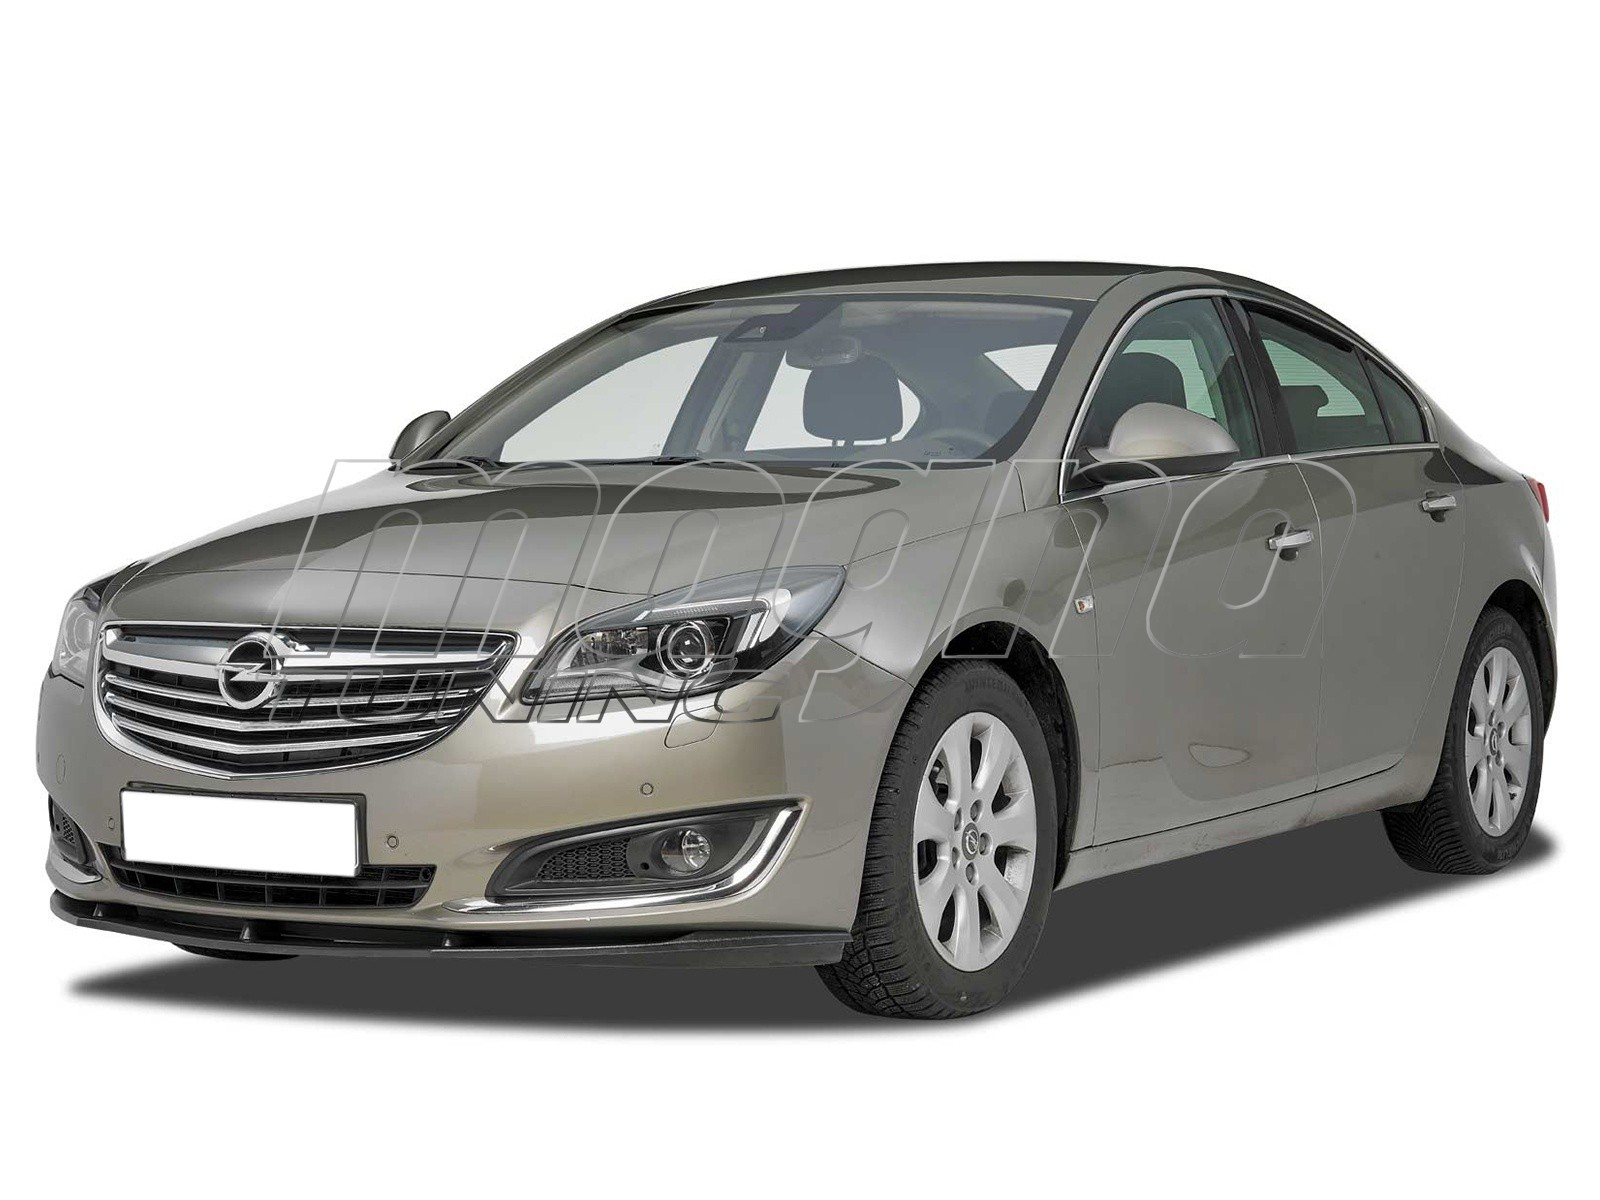 Opel Insignia A Facelift Citrix Front Bumper Extension